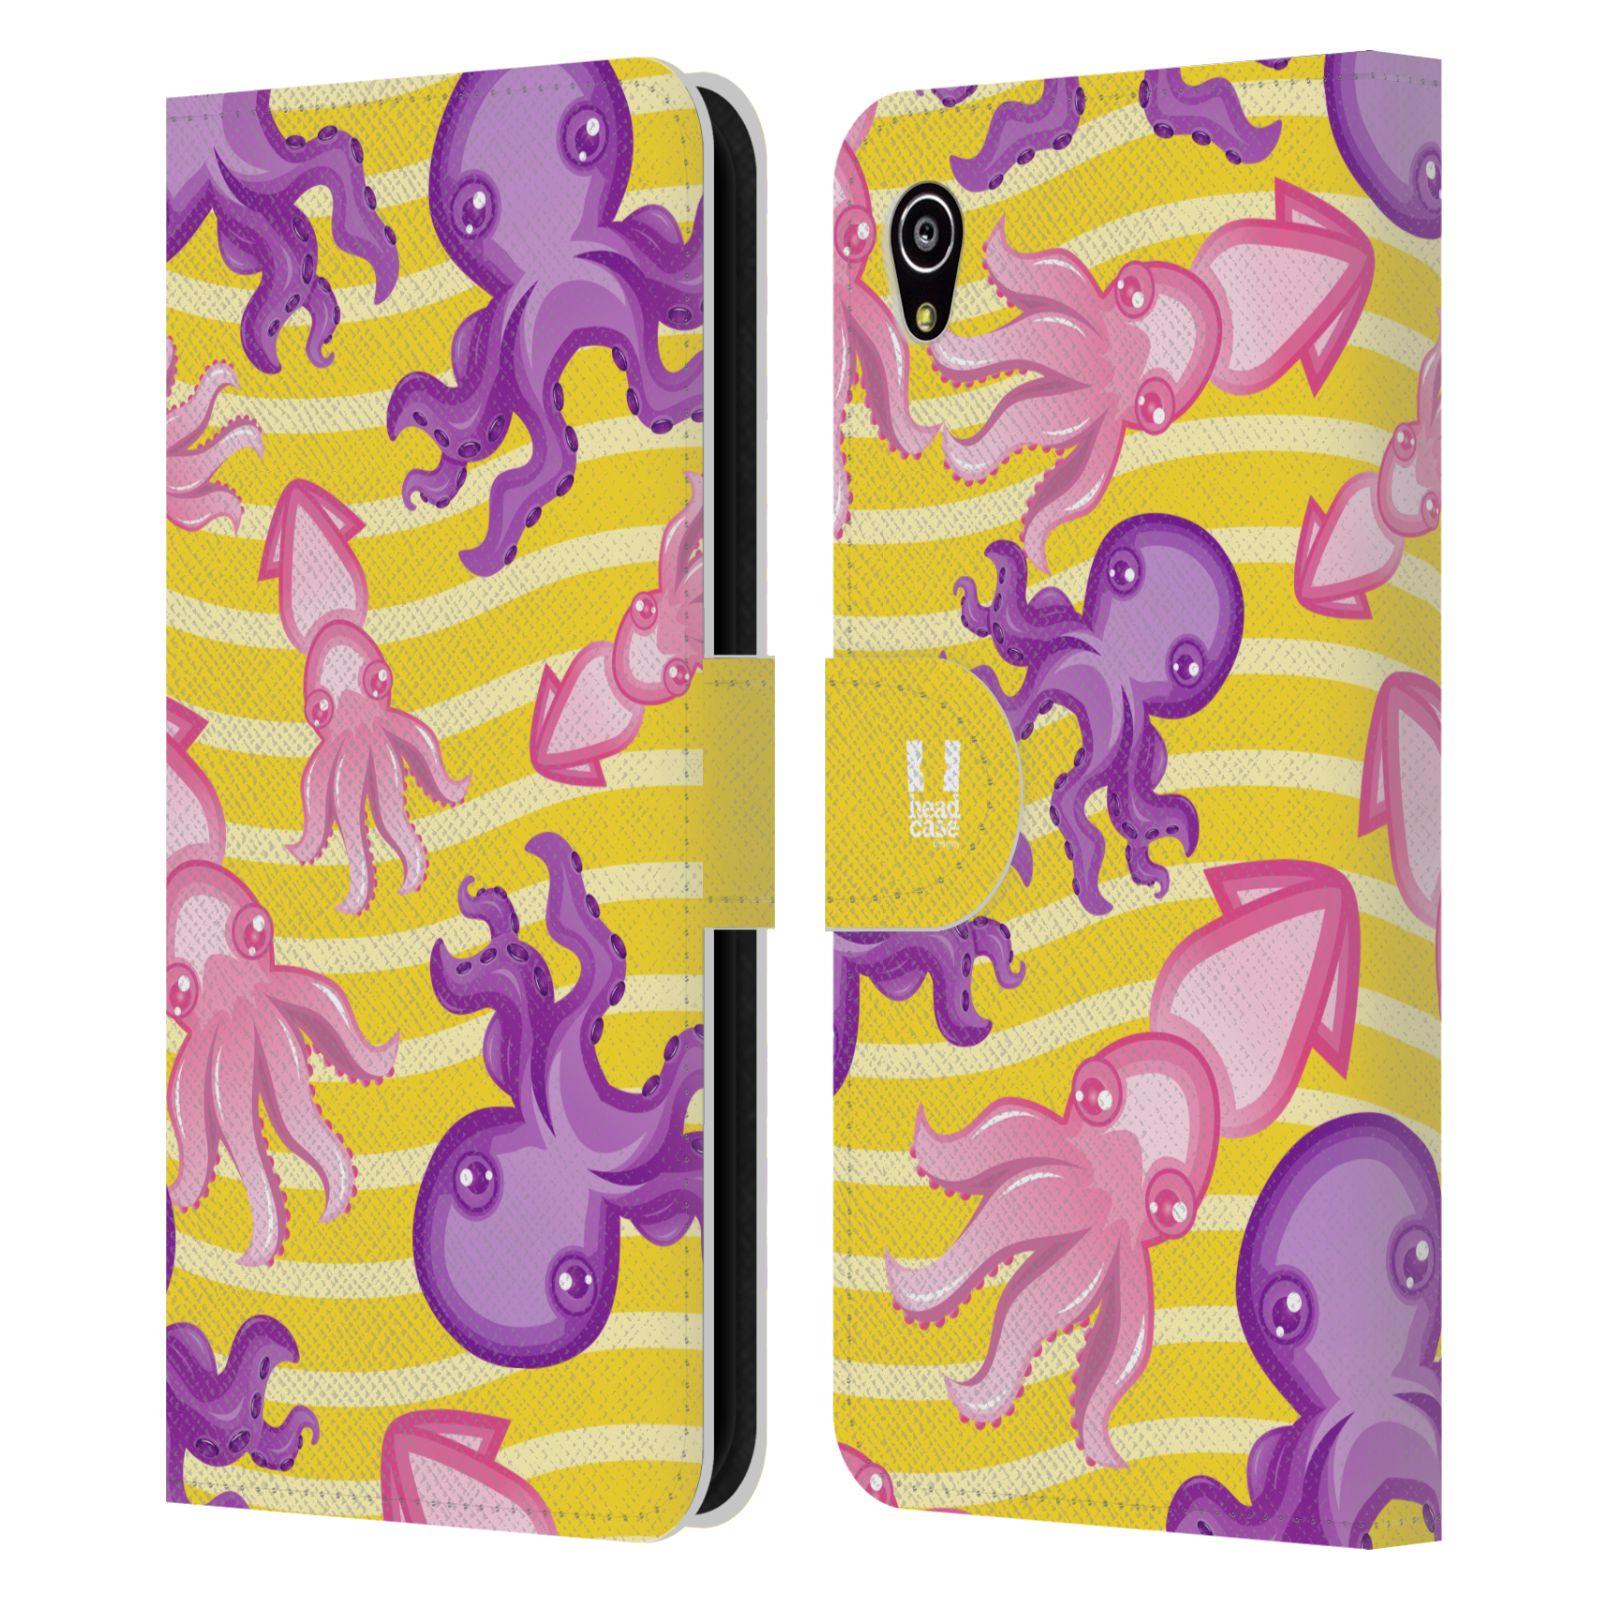 HEAD CASE Flipové pouzdro pro mobil SONY XPERIA M4 AQUA Mořský živočich chobotnice a krakatice žlutá barva